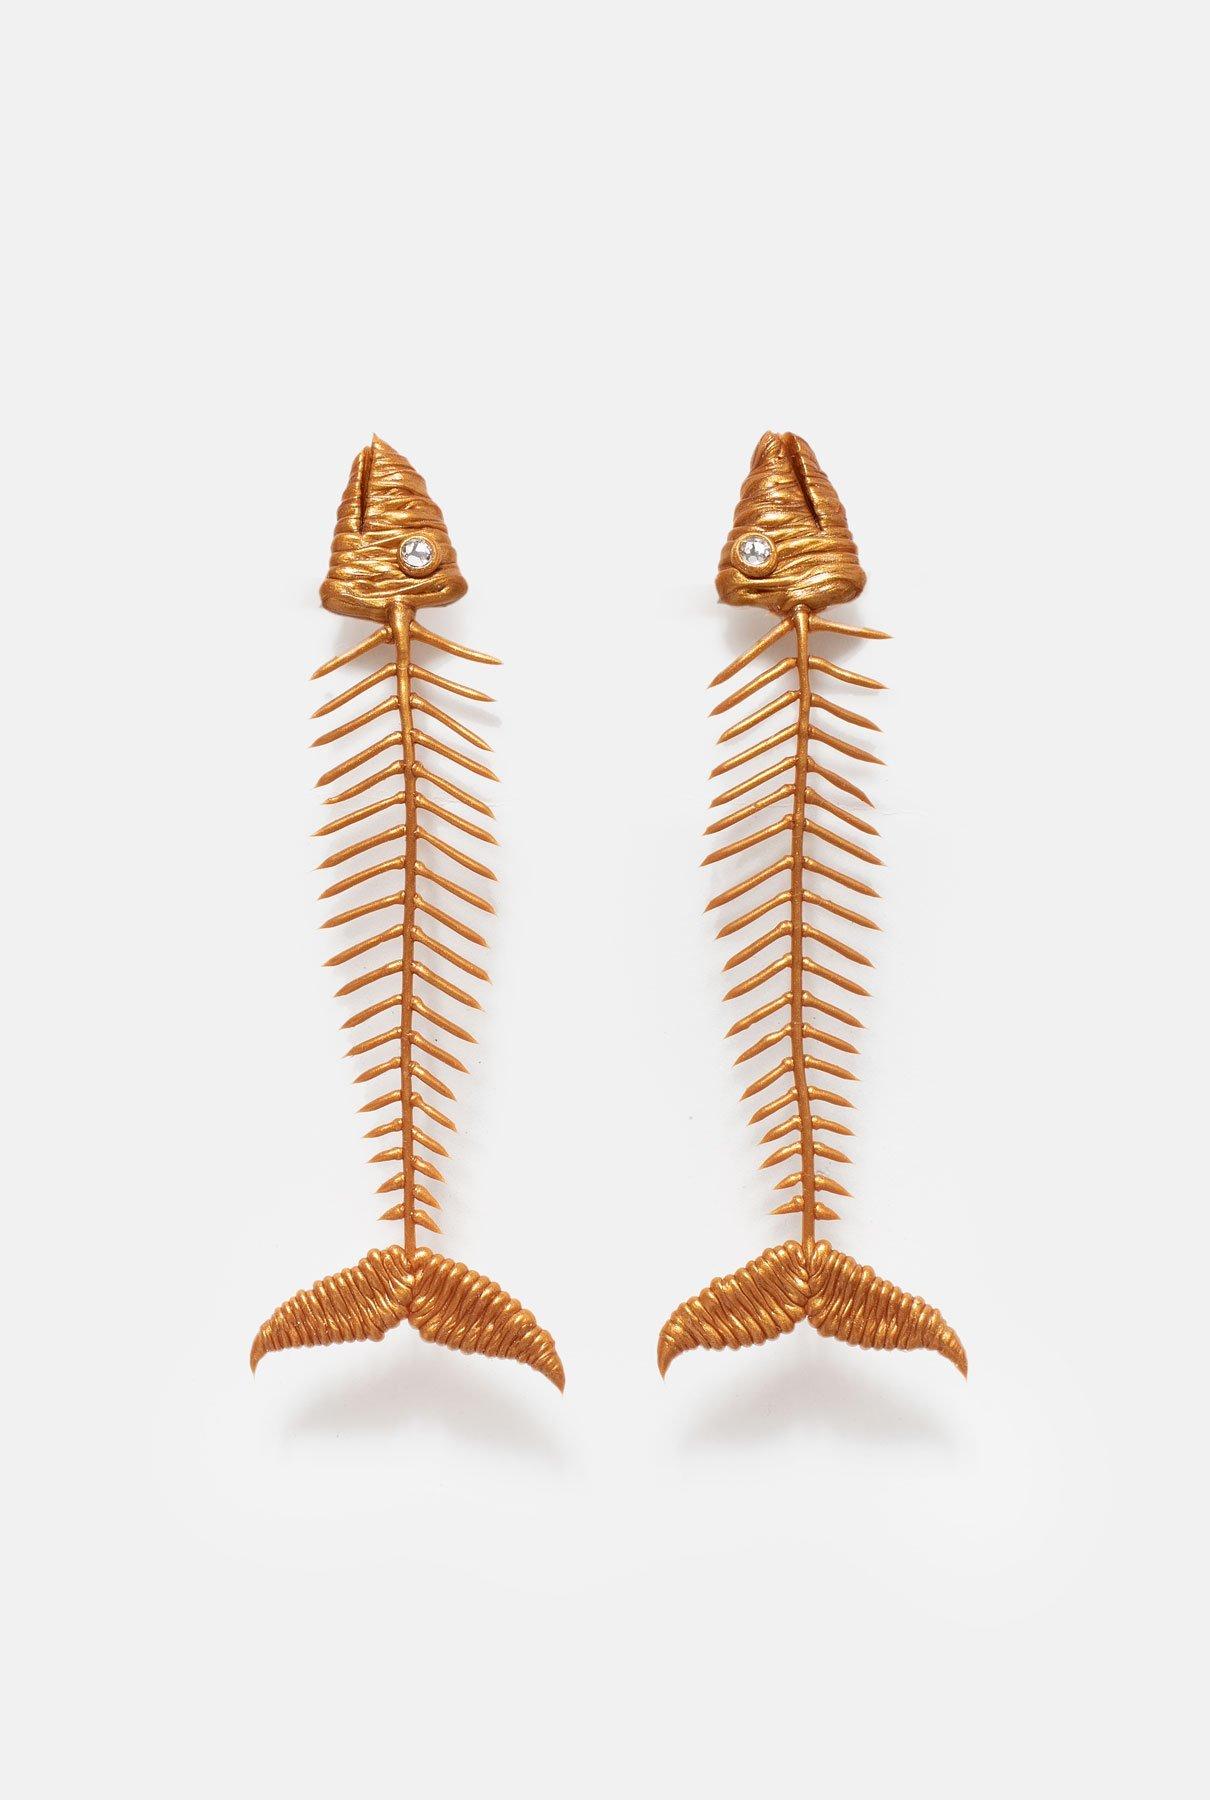 Espina de pez